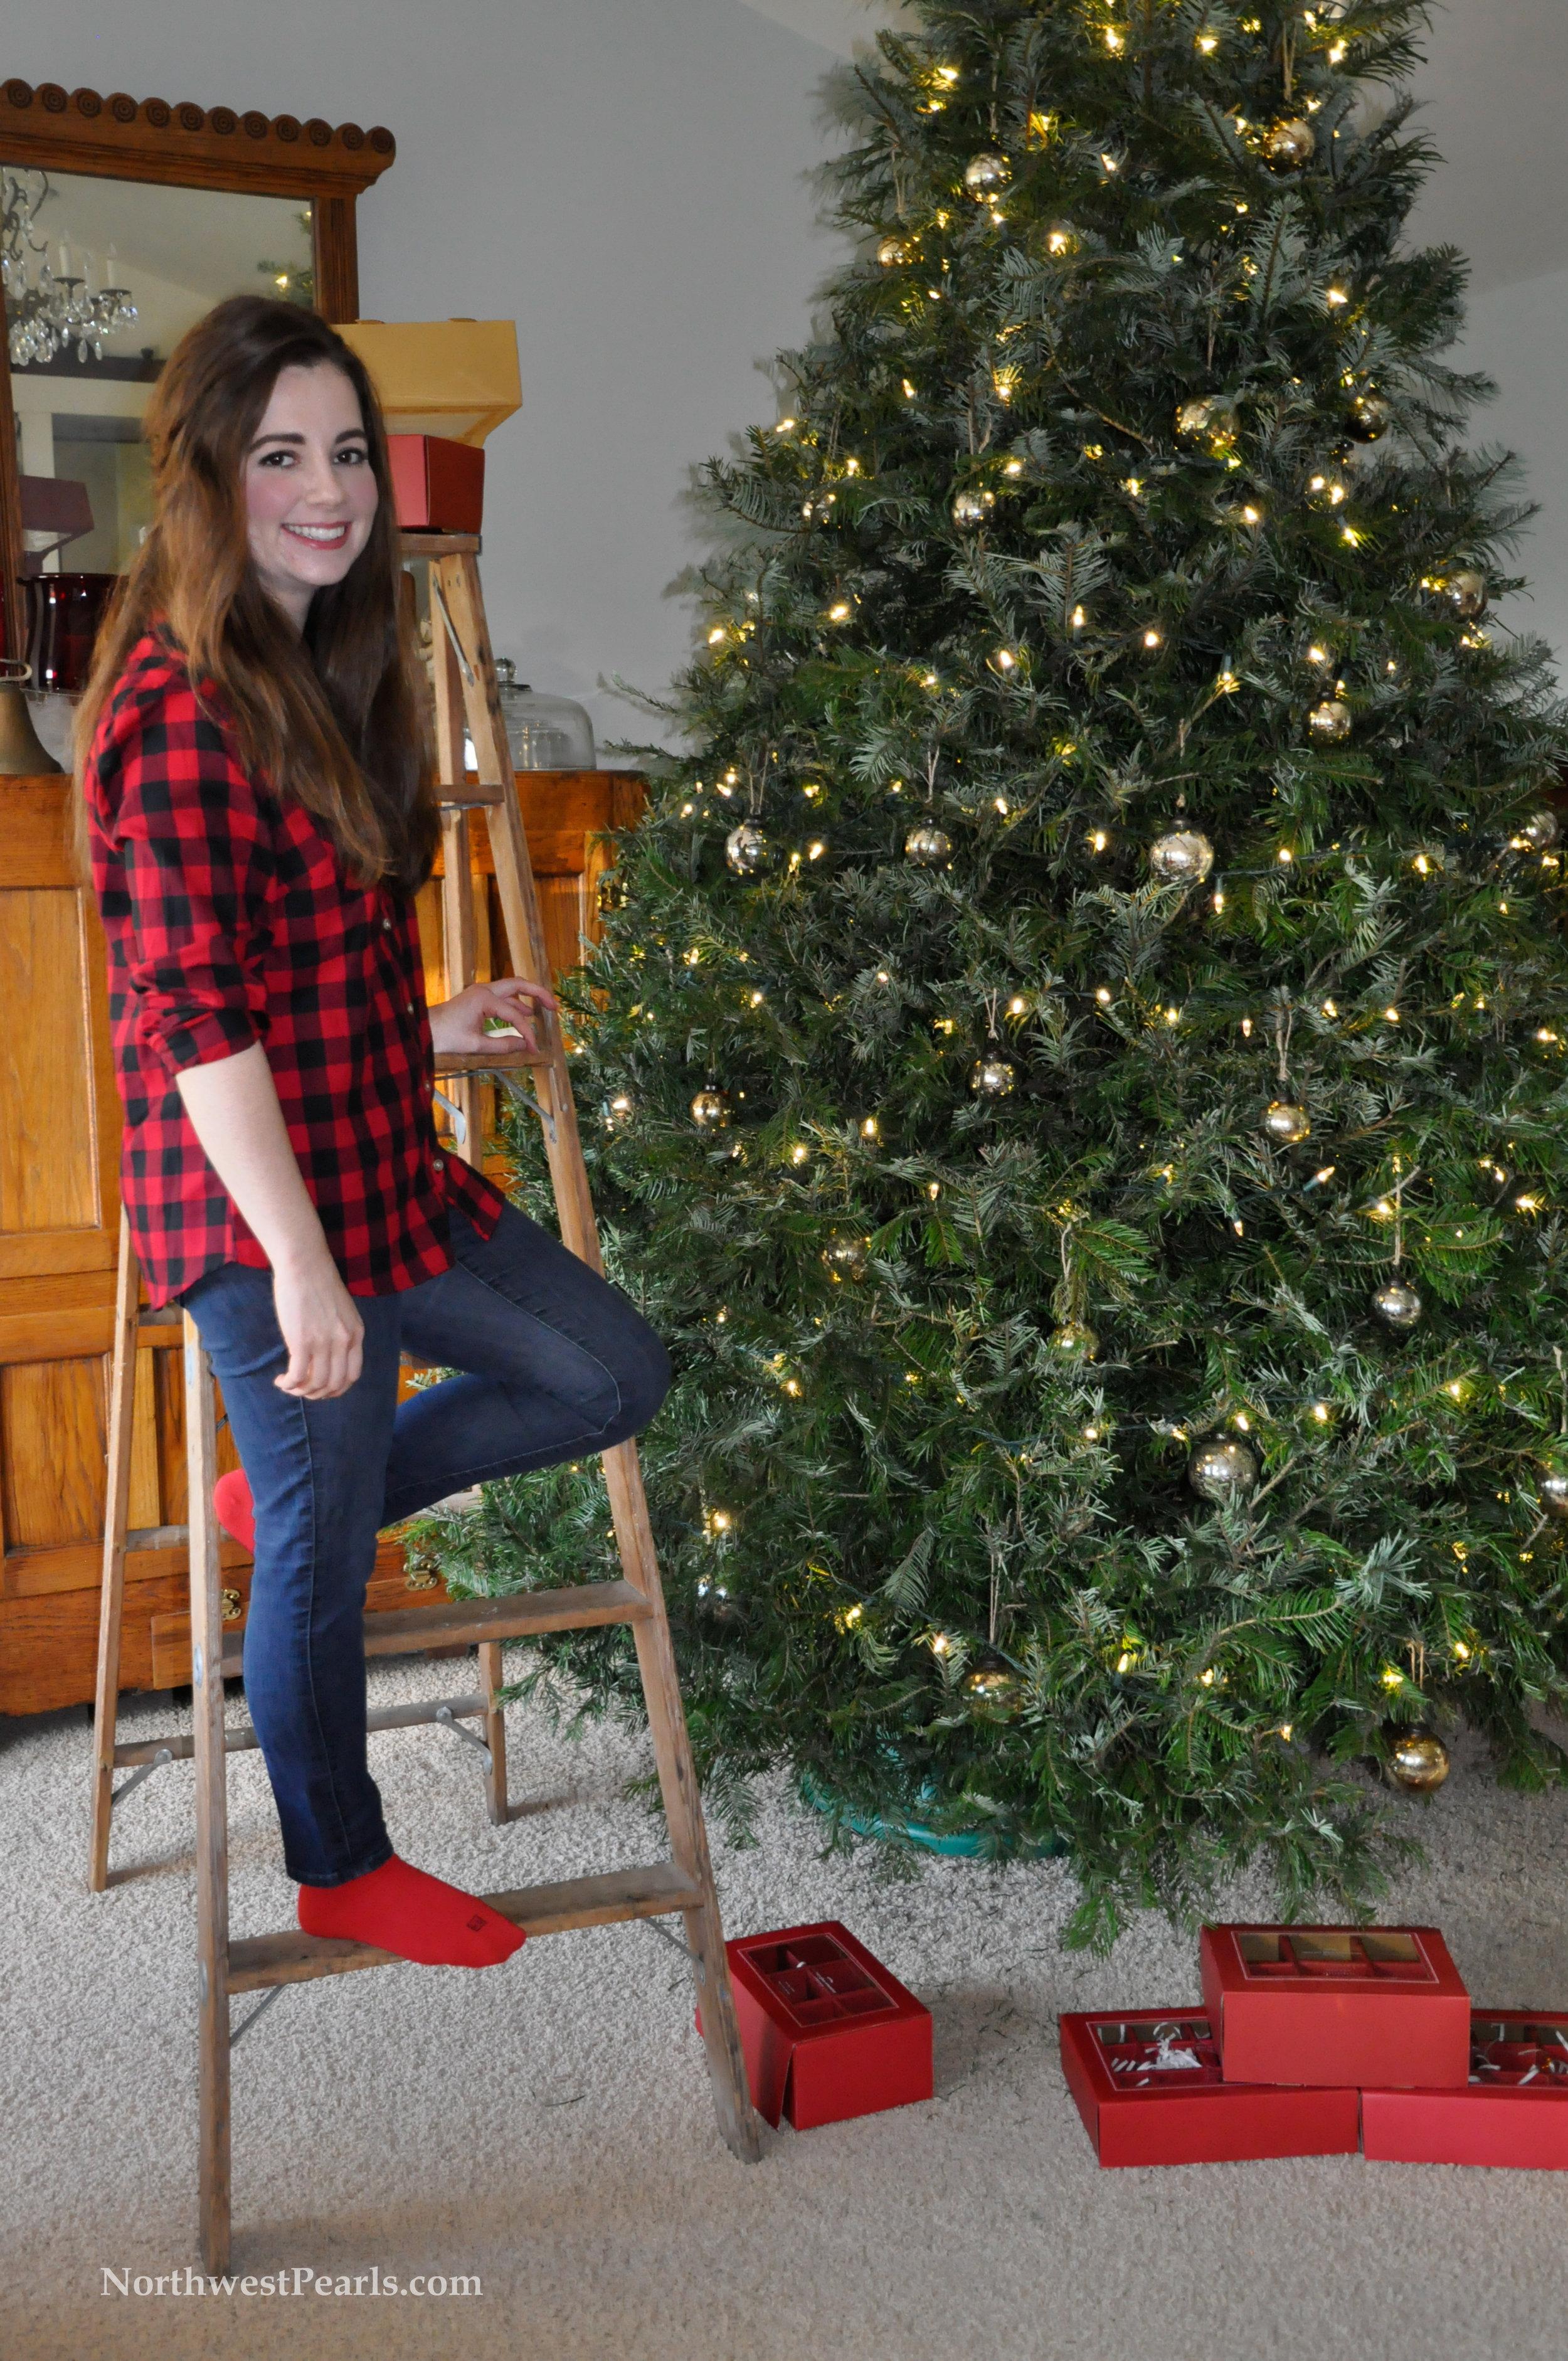 Northwest Pearls: Christmas Tree OOTD